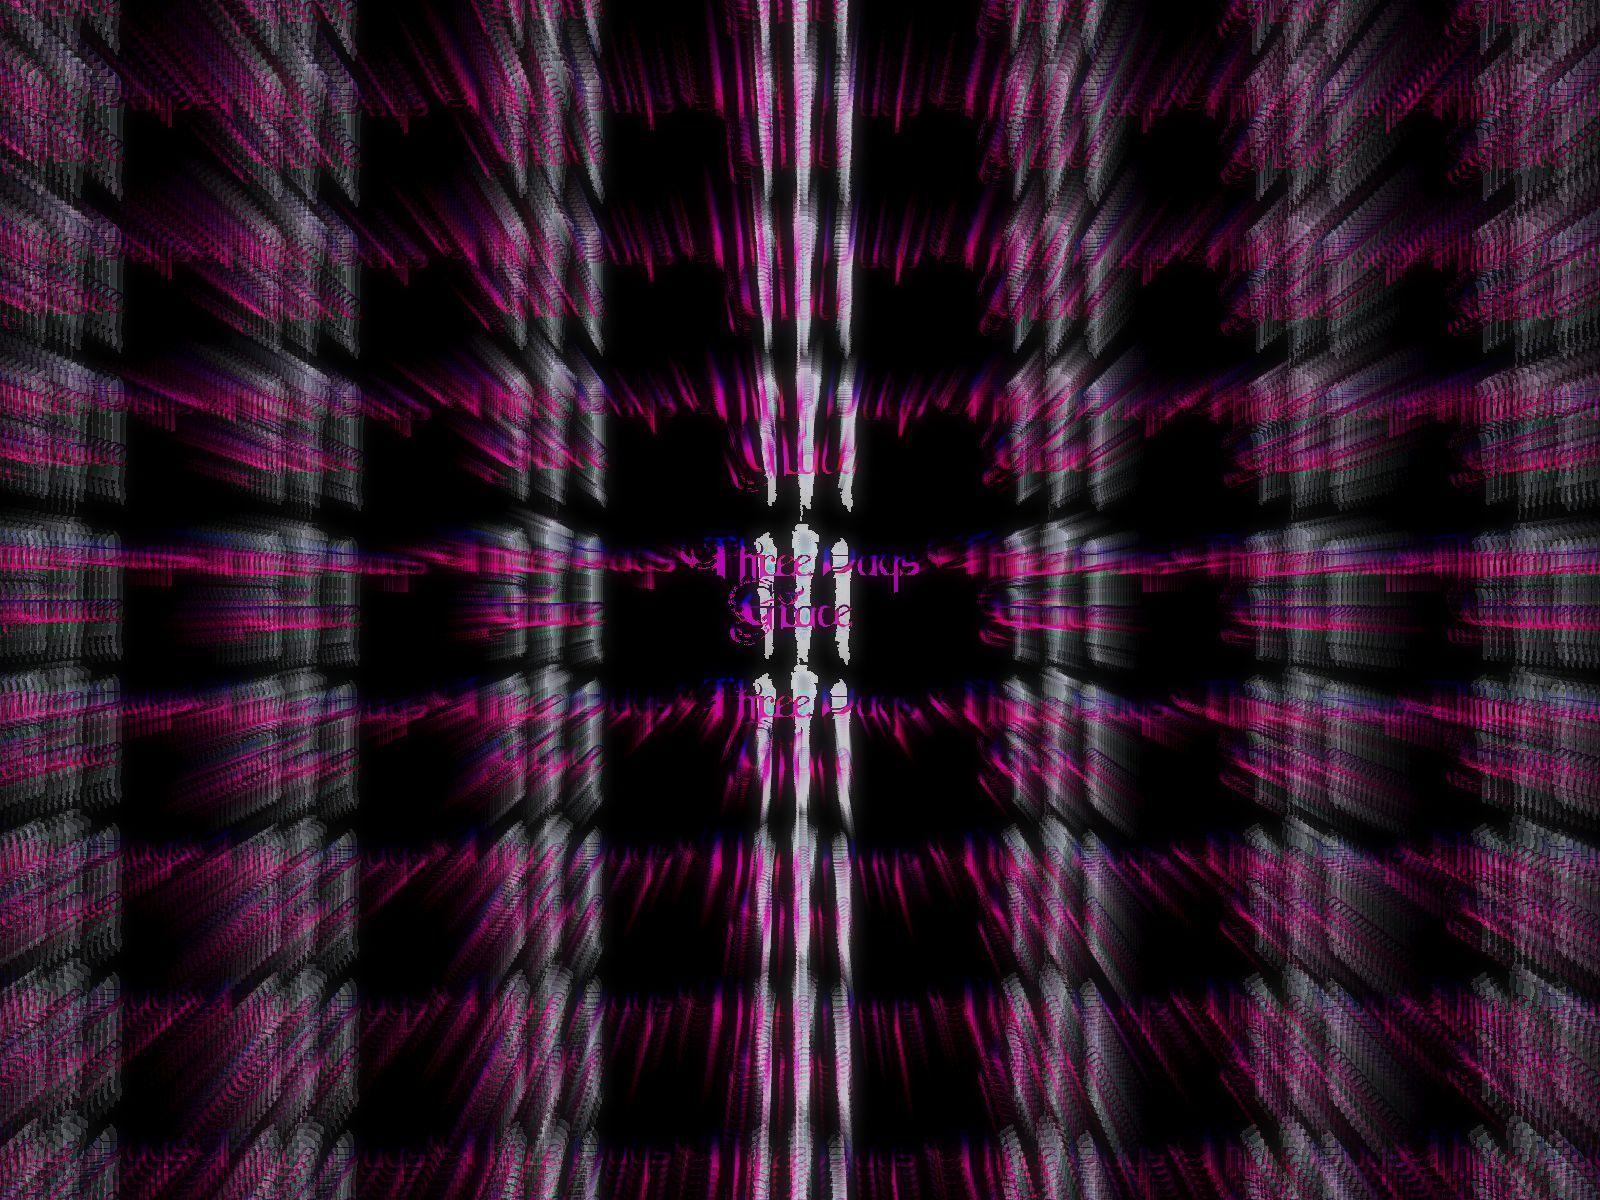 Three Days Grace   Three Days Grace Wallpaper 21765844 1600x1200